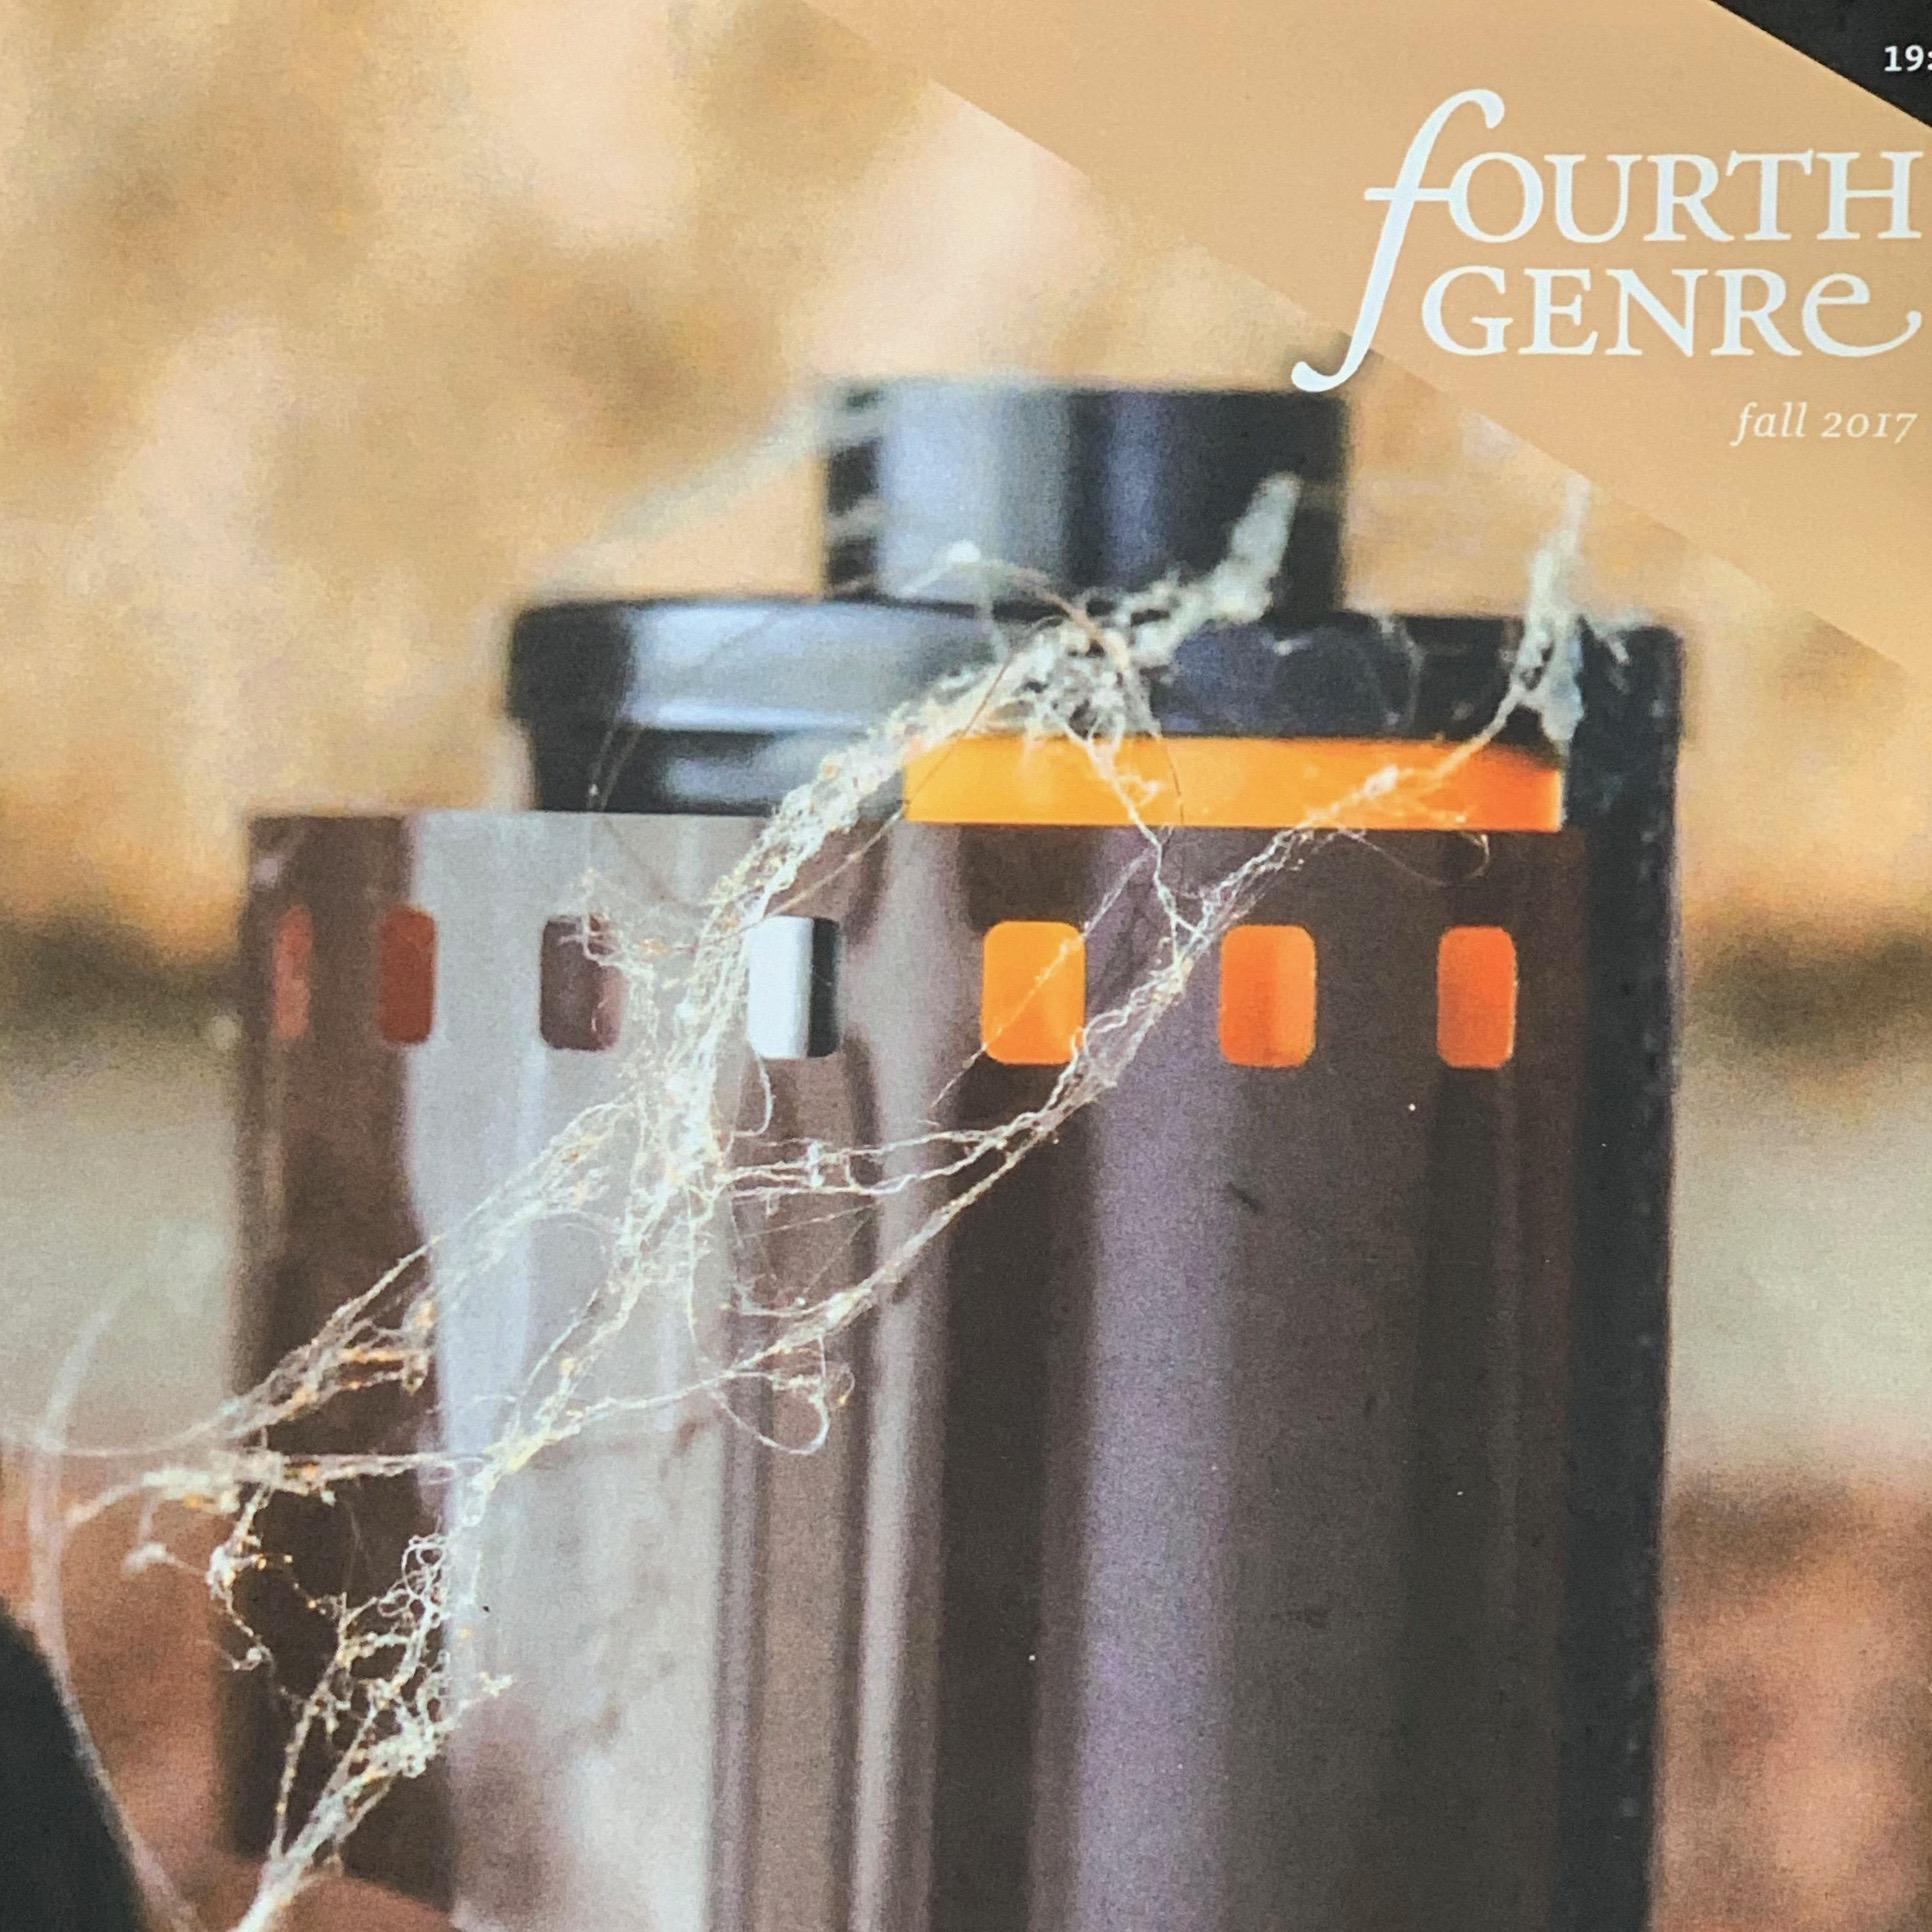 fourth genre—